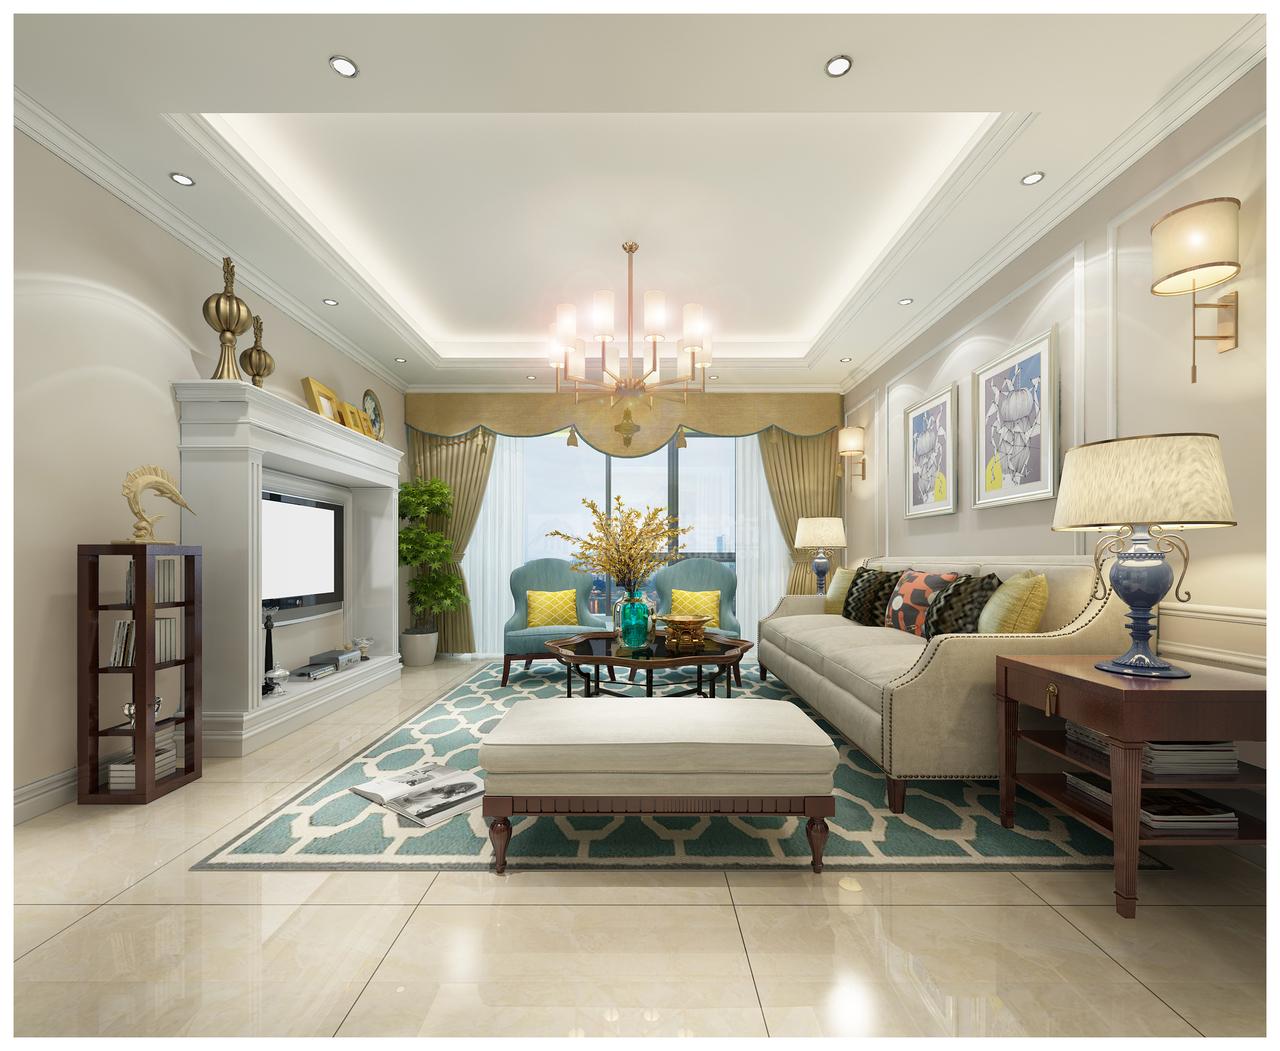 中天未来方舟彰显华美、富丽、浪漫气氛的简美风,现代,美式,三居室,120.0㎡